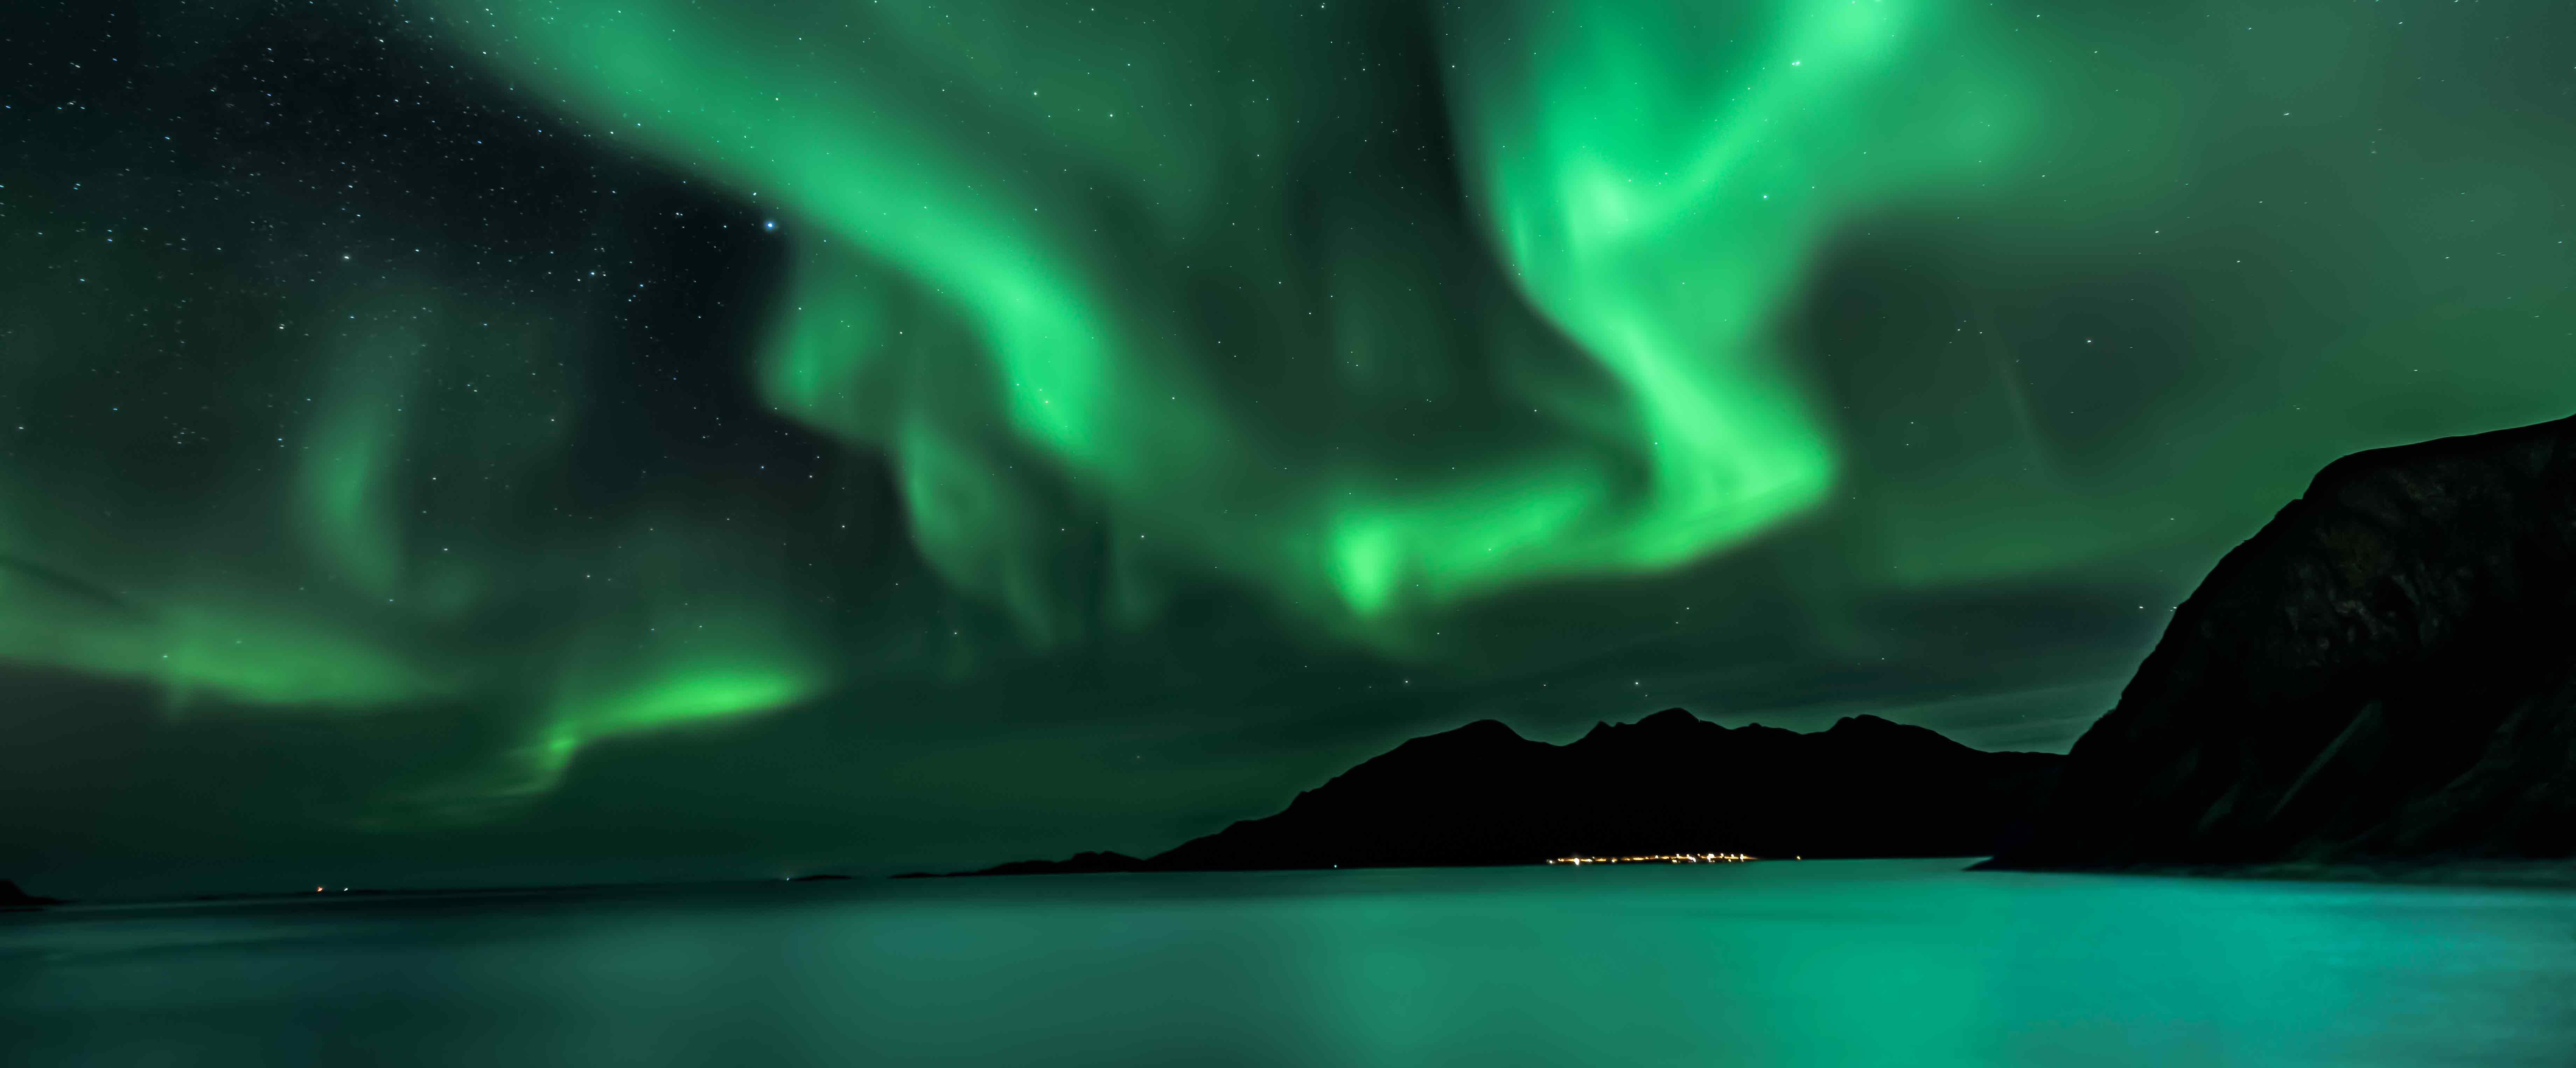 Découvrez nos séjours de luxe en vente privée - Islande. VeryChic vous propose des voyages jusqu'à -70% dans les plus beaux hôtels du monde - Islande